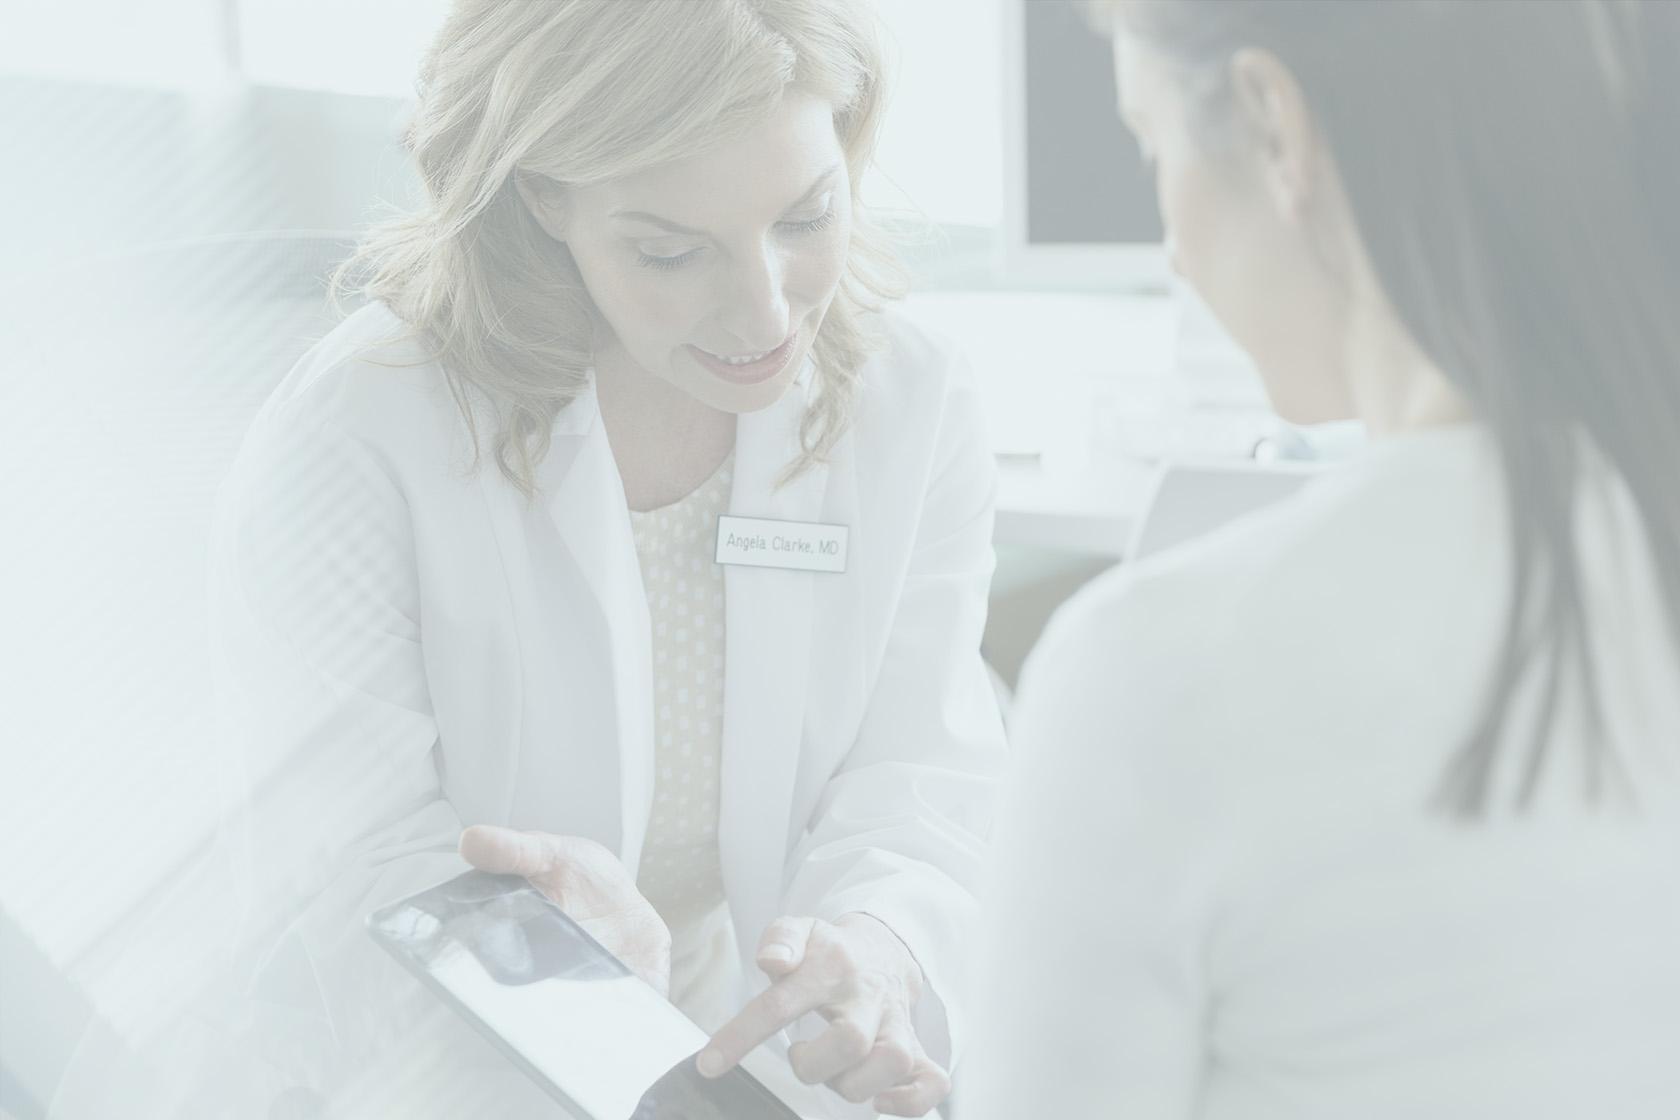 Médecin et résultat de santé